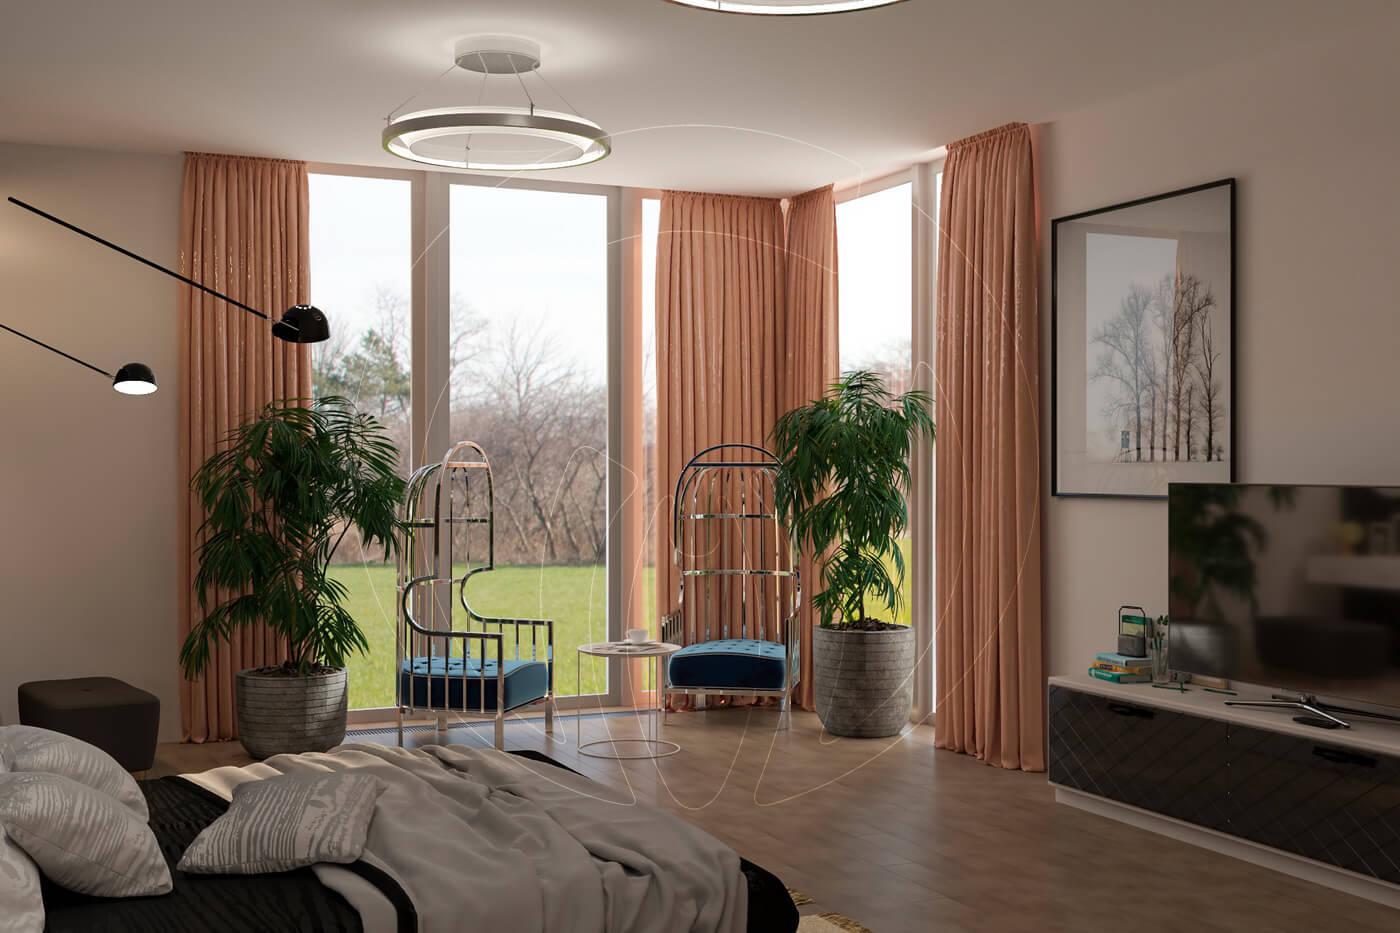 Загородный дом в современном стиле. Спальня. Зона отдыха